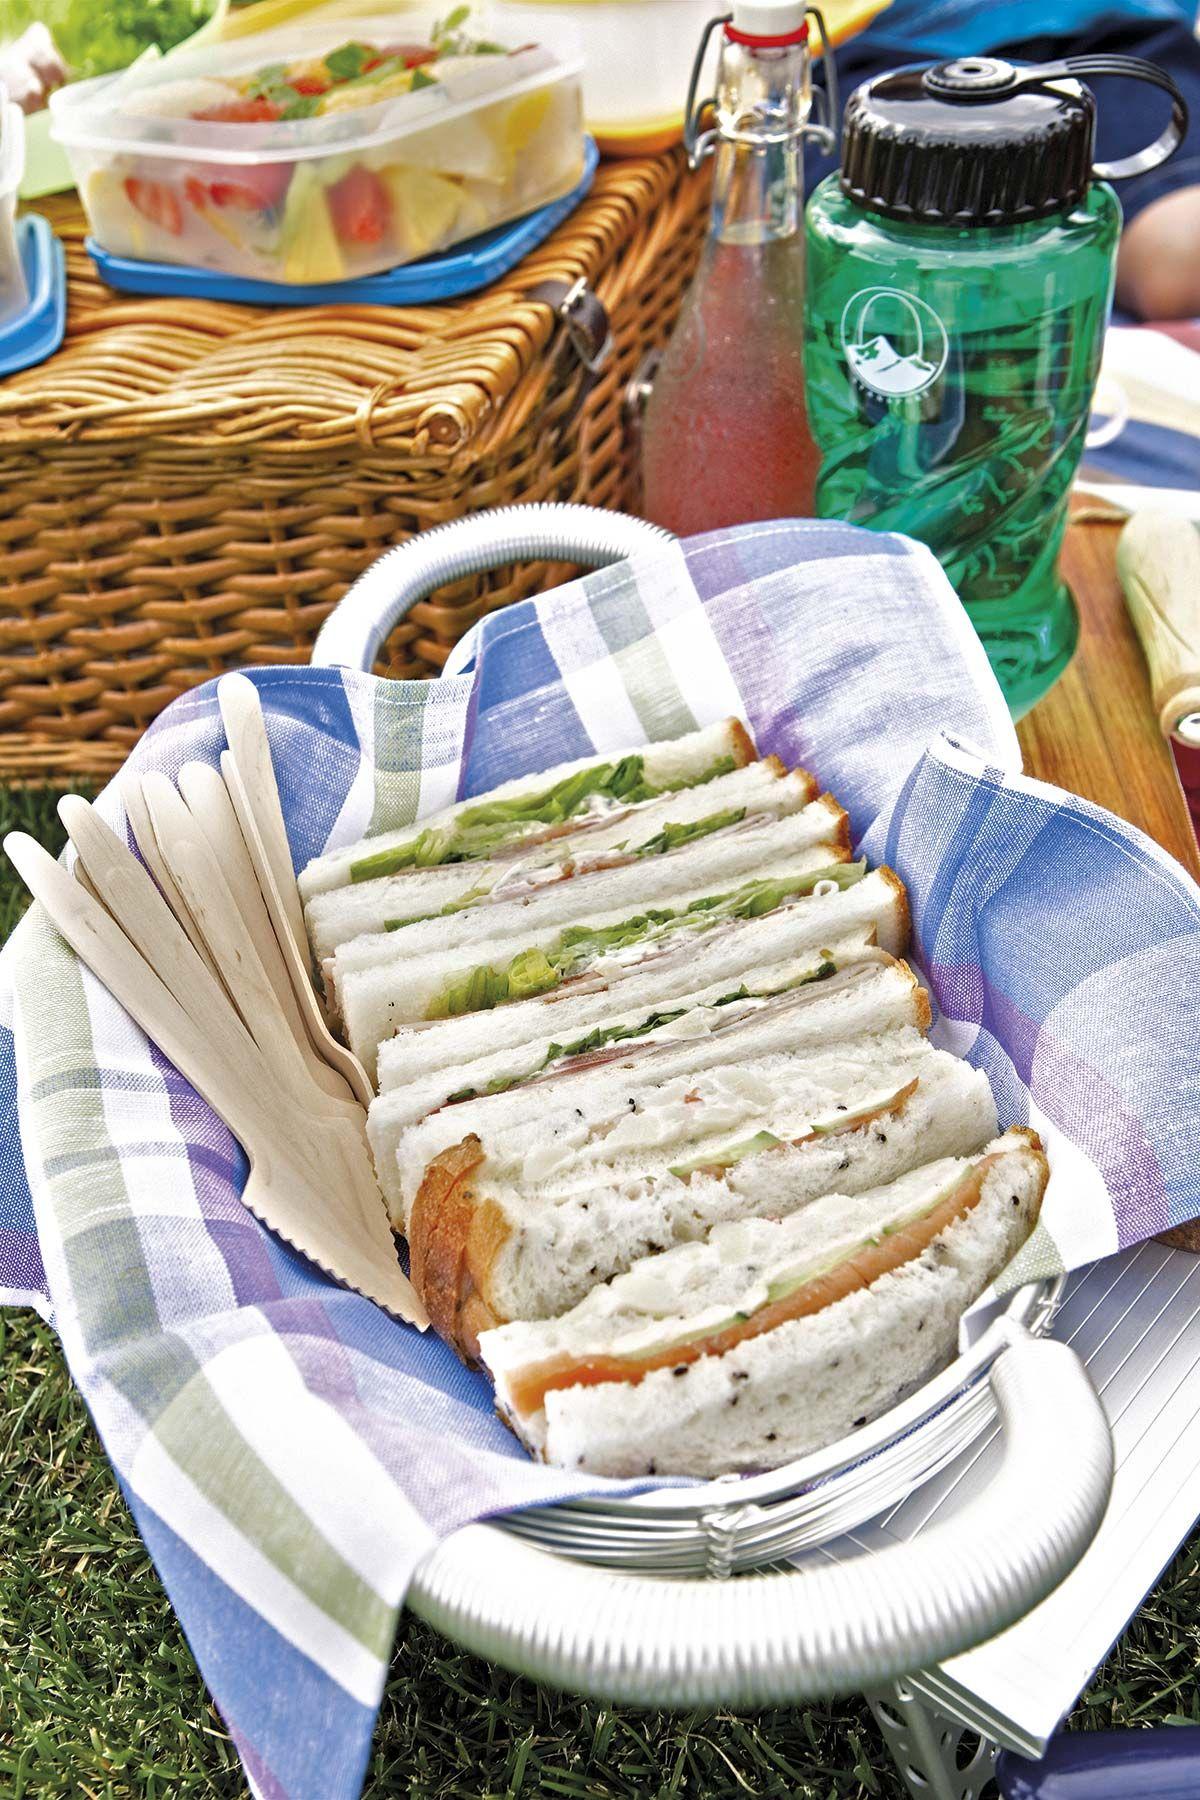 Recetas para picnic: Sándwiches variados